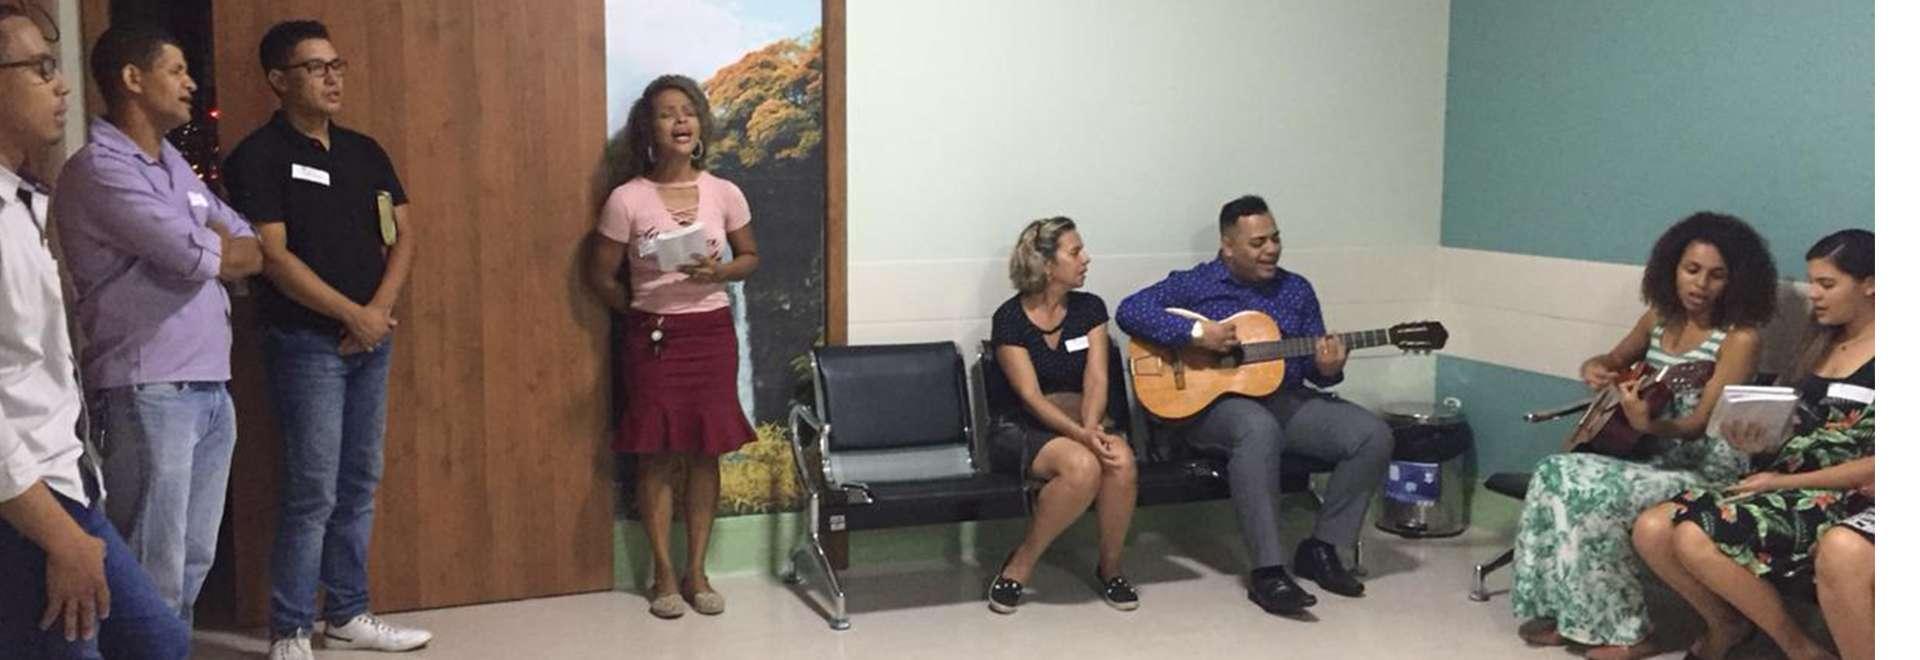 Musicoterapia da Igreja Cristã Maranata em hospitais de Vila Velha, ES, gera resultados espirituais